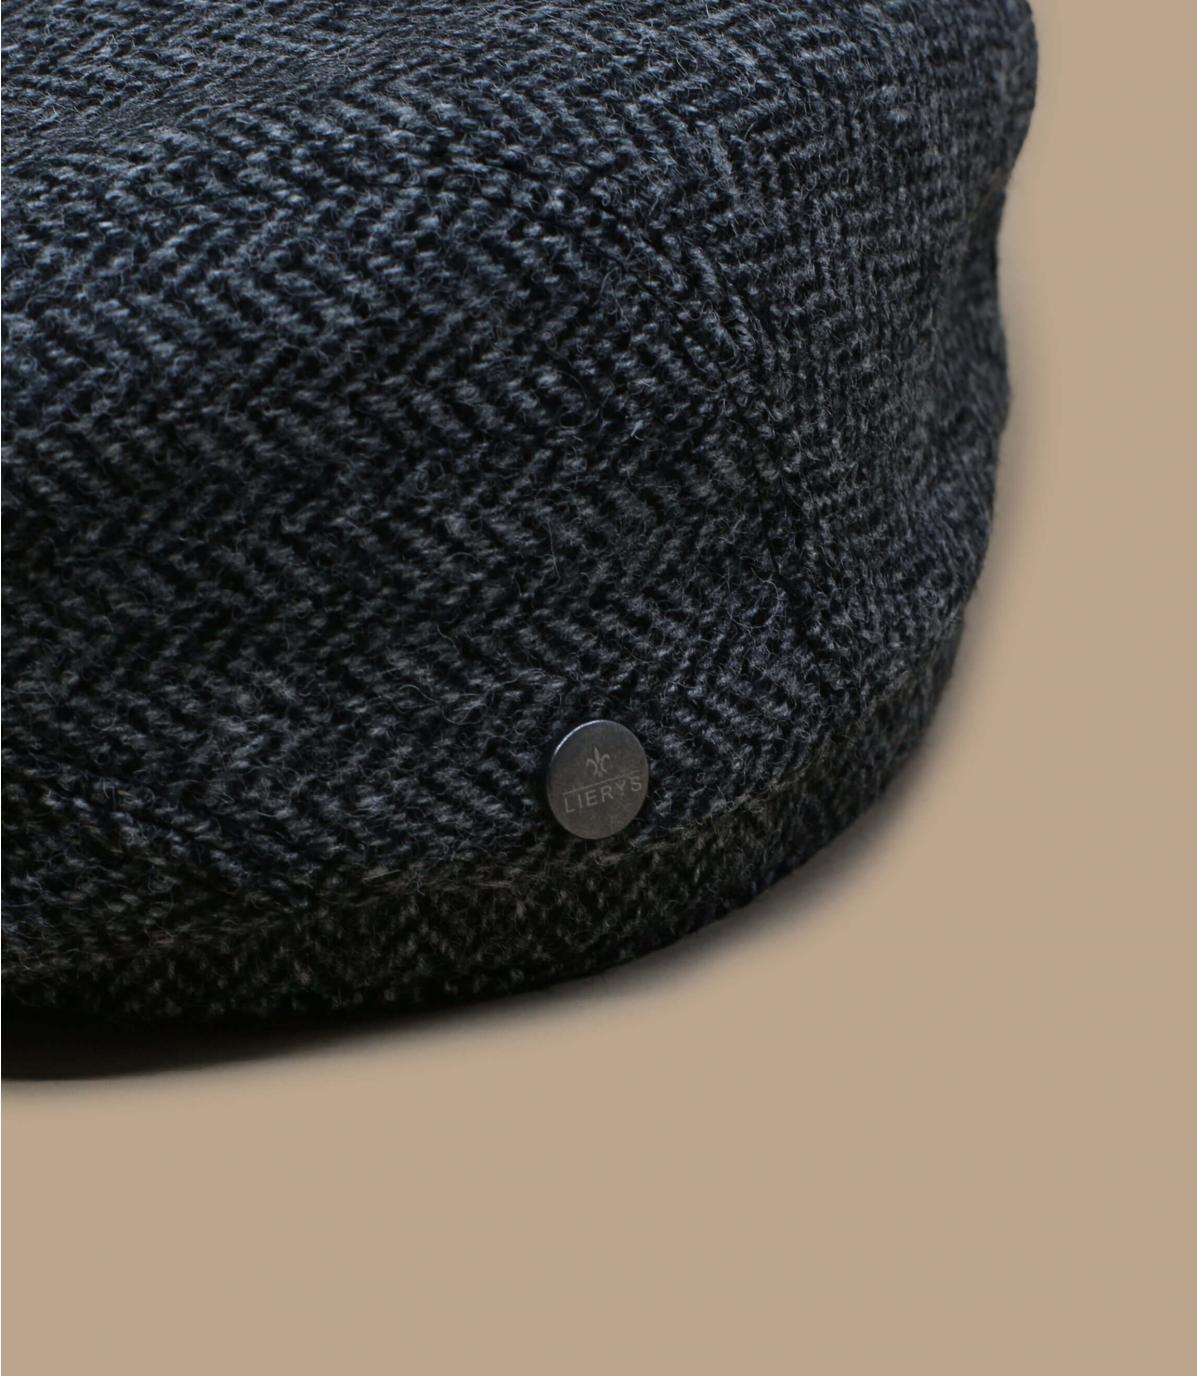 Schiebermütze grau Wolle